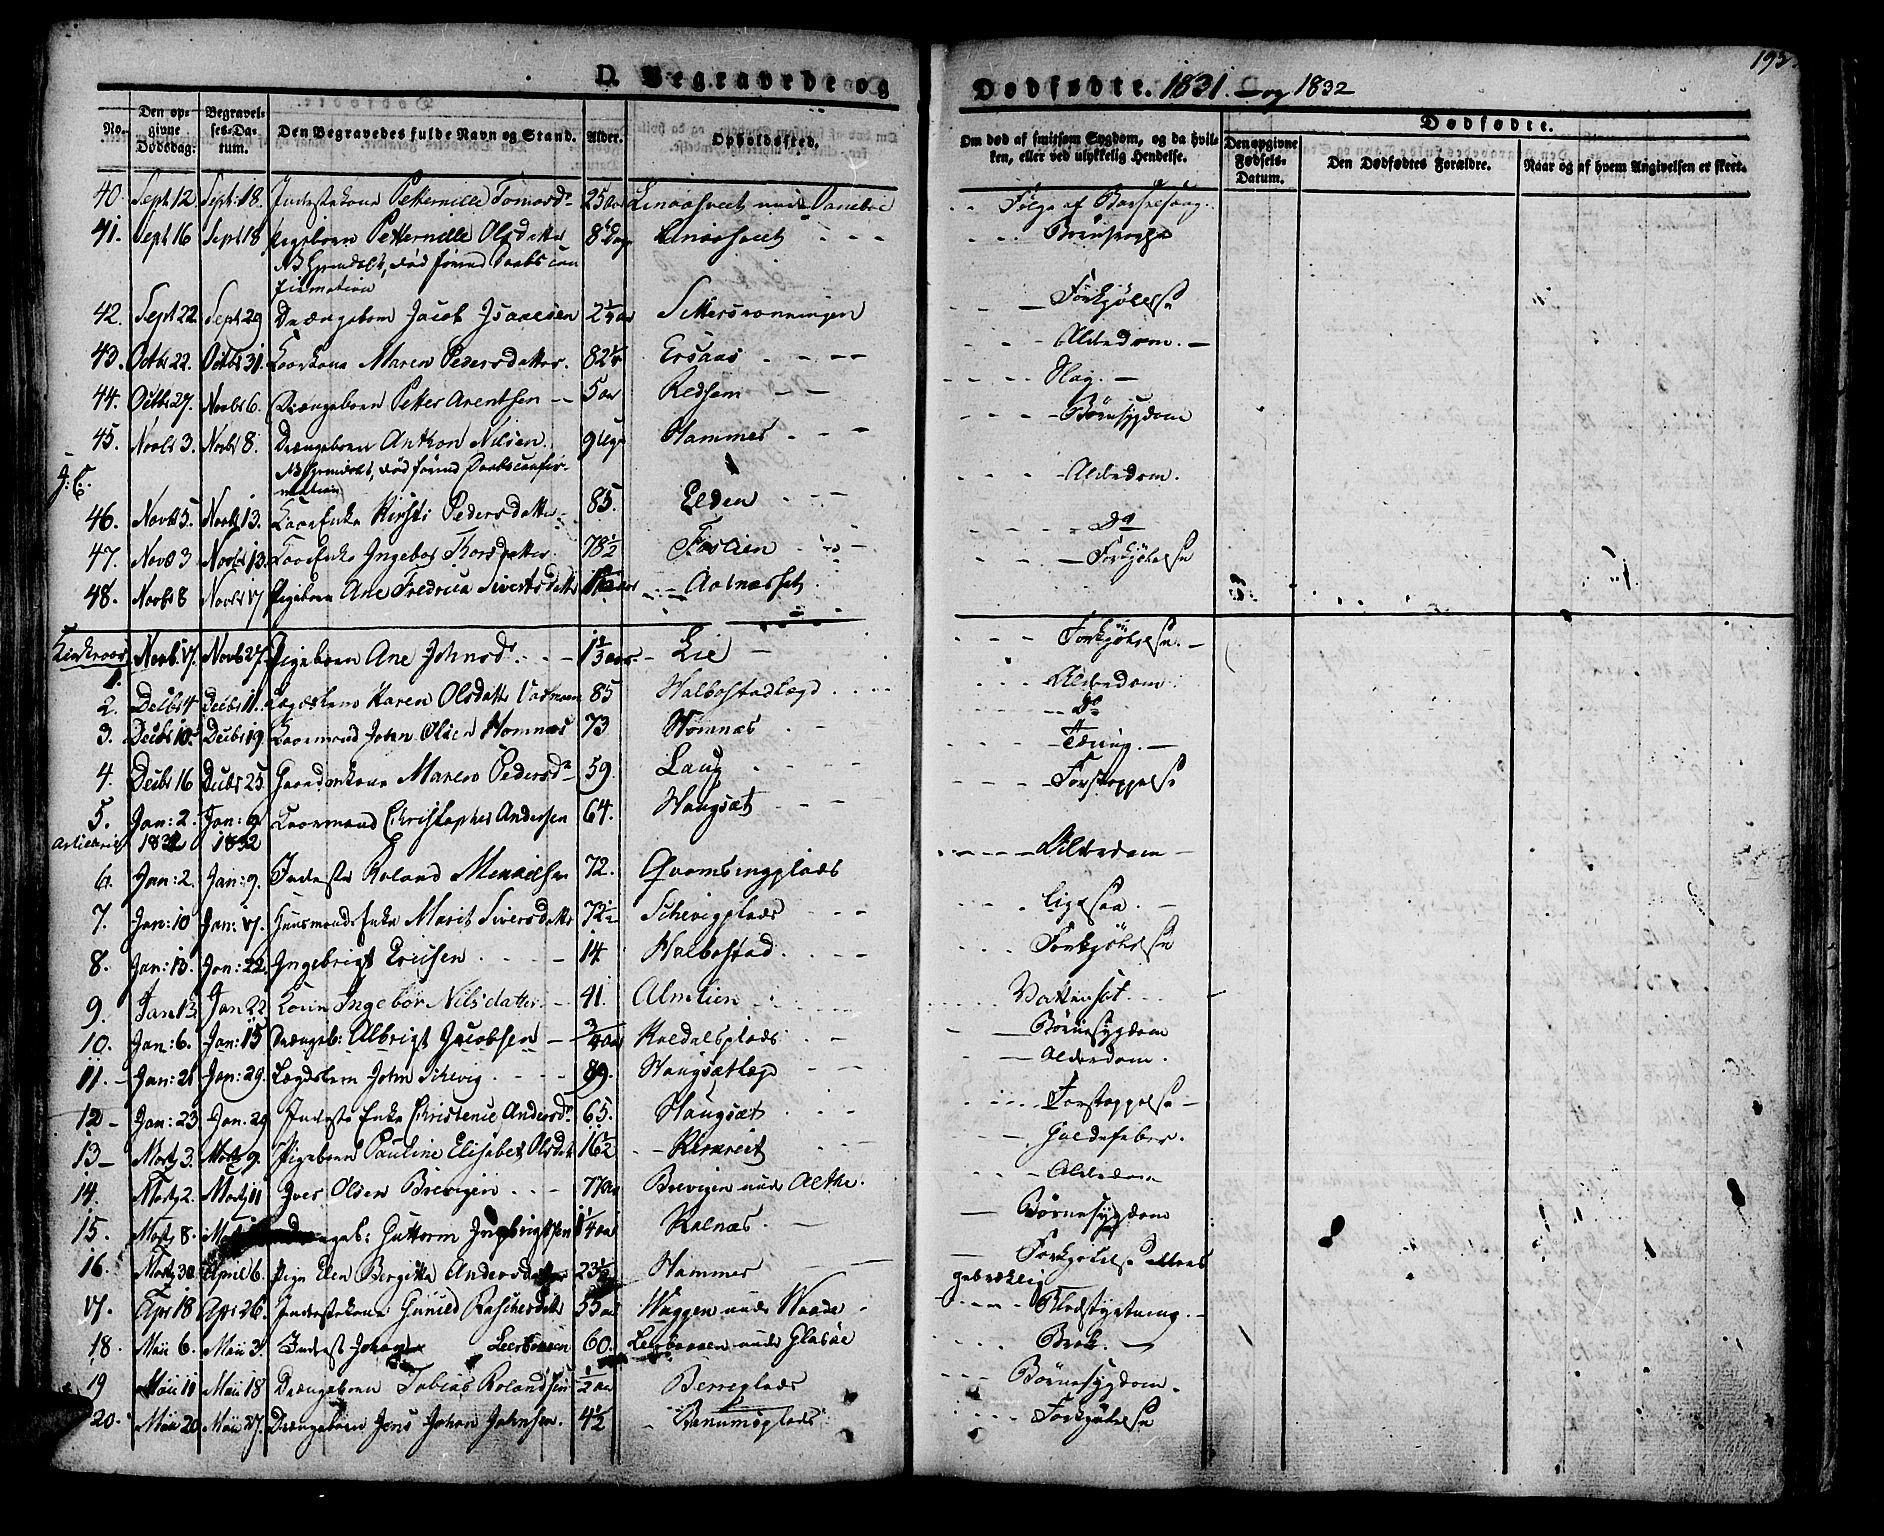 SAT, Ministerialprotokoller, klokkerbøker og fødselsregistre - Nord-Trøndelag, 741/L0390: Ministerialbok nr. 741A04, 1822-1836, s. 195